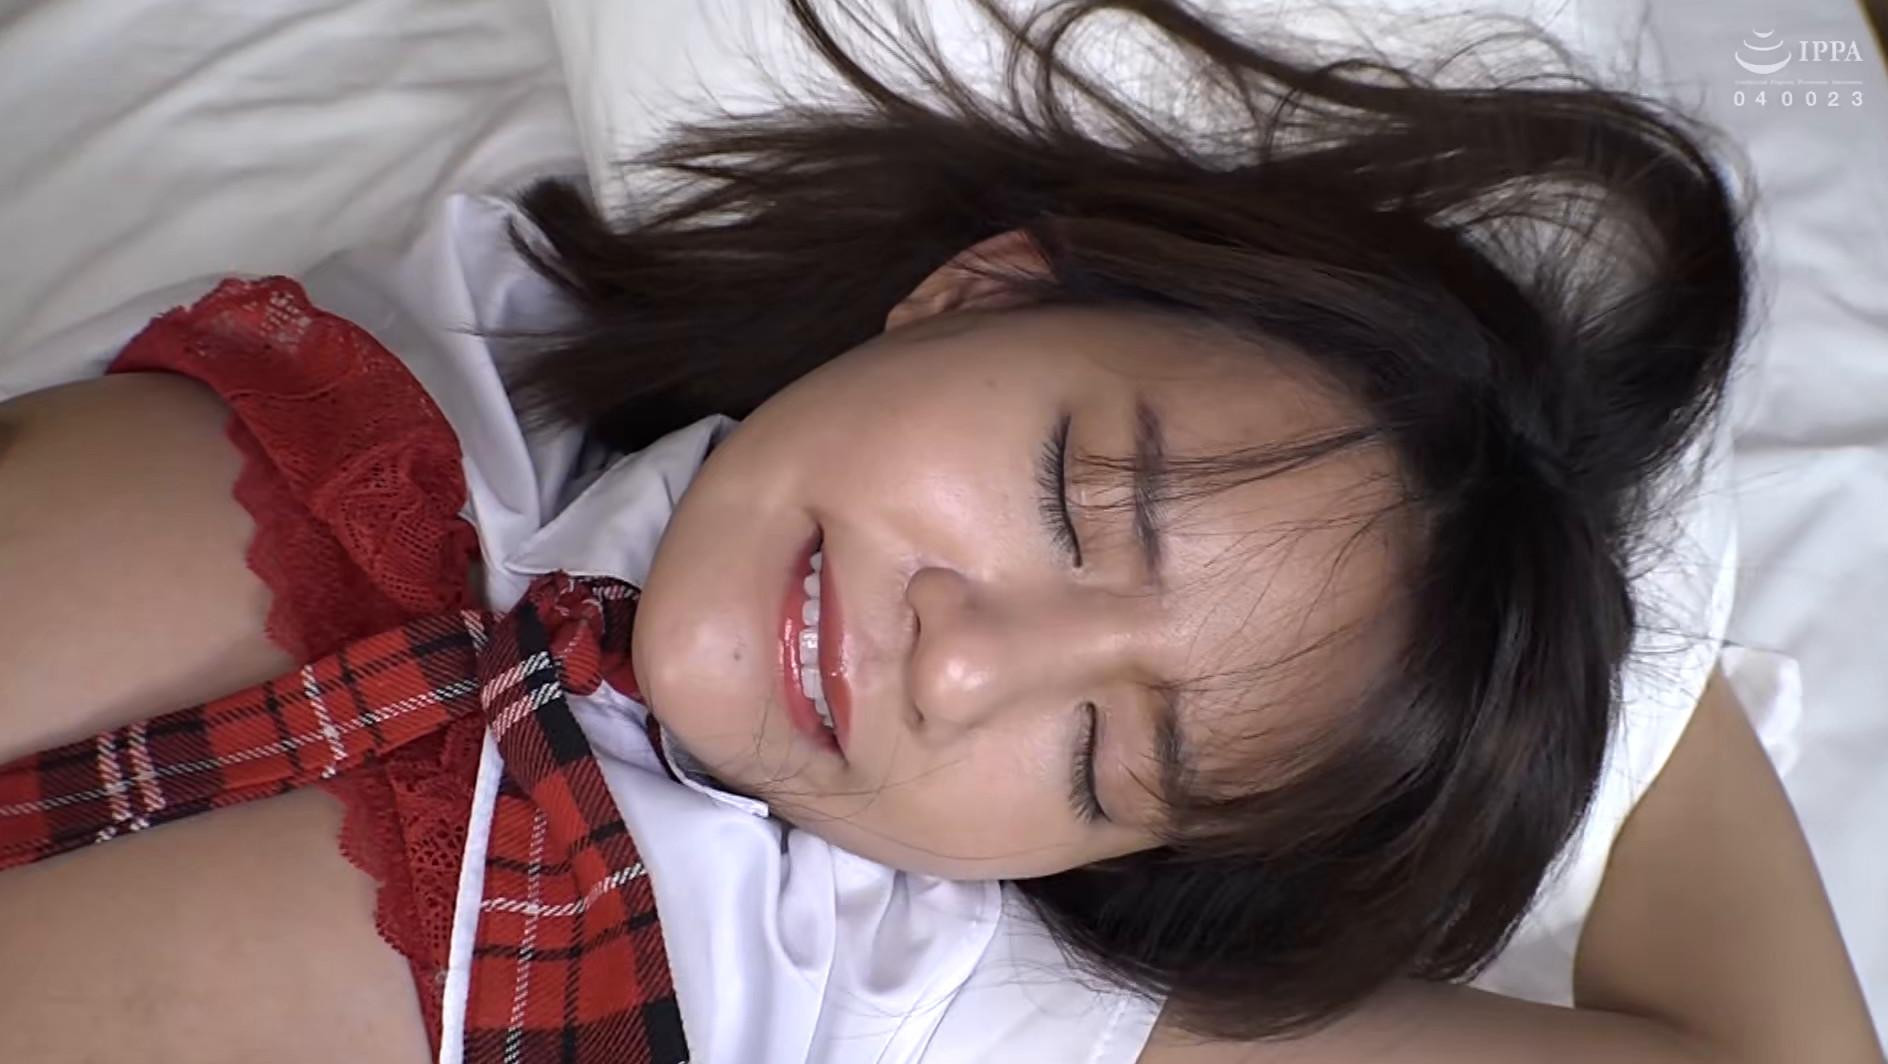 韓国全土で見つけた!凄まじいSEXポテンシャルを持ったオルチャン美女 9人4時間 画像10